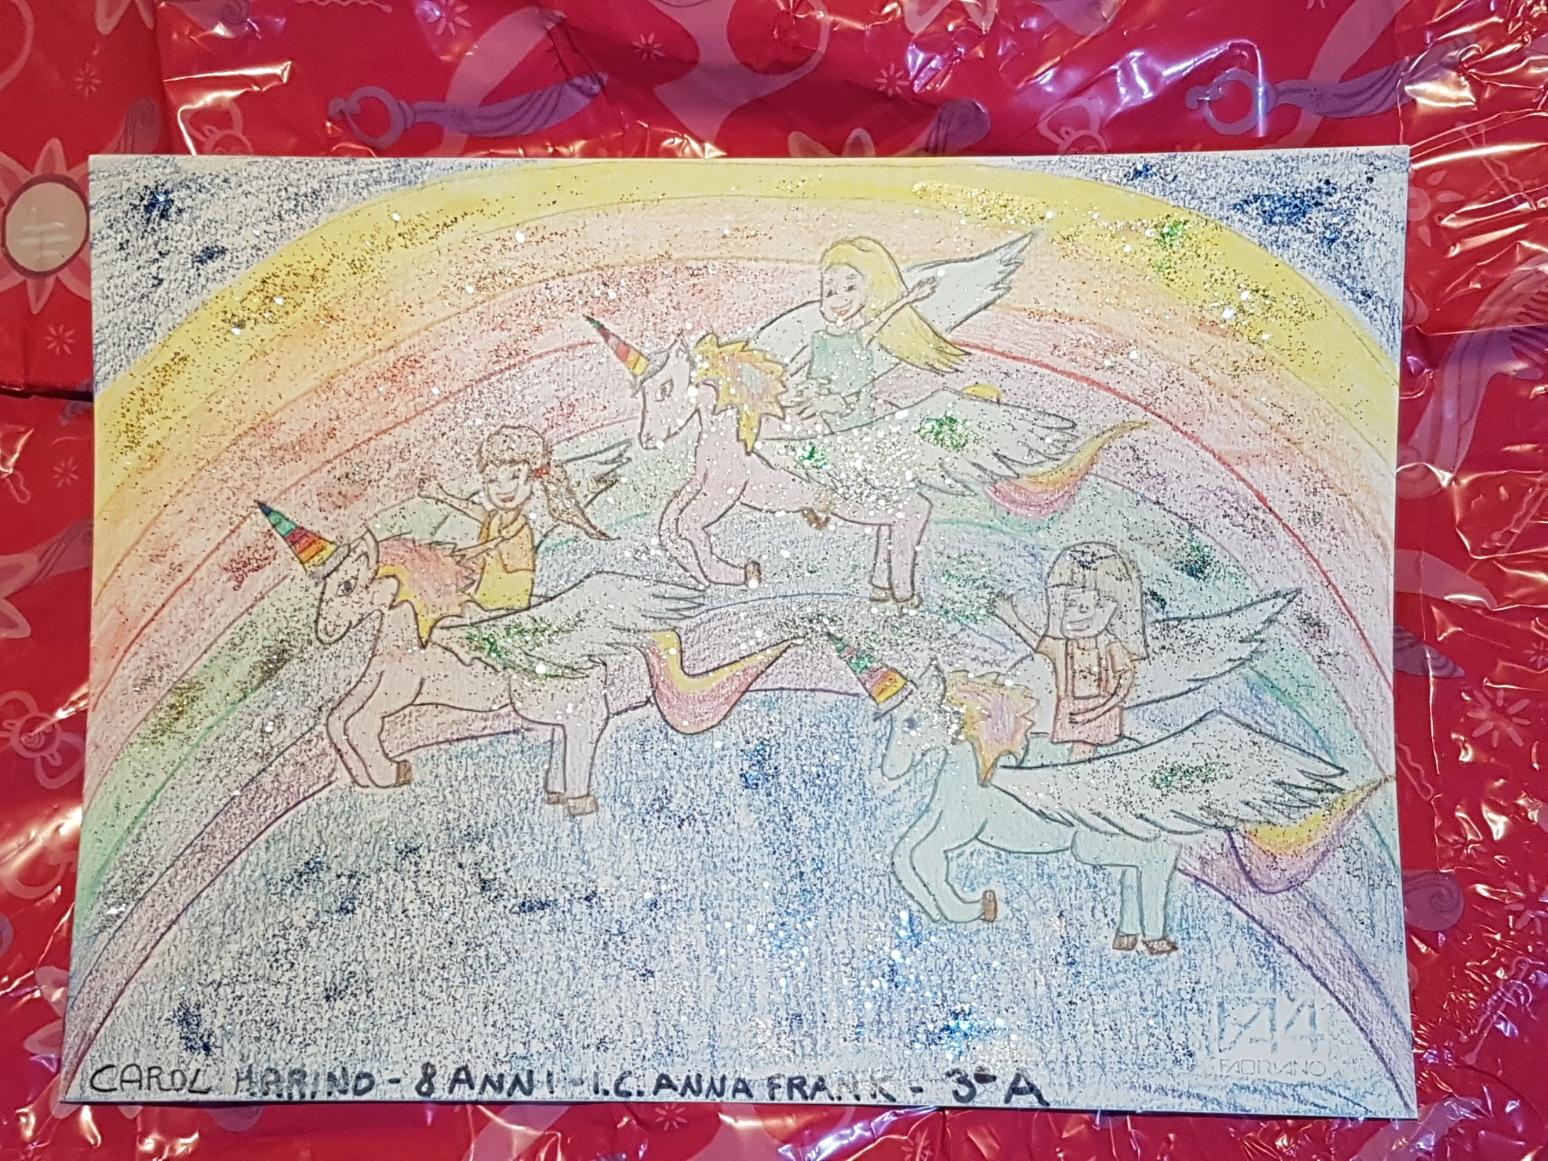 Questo disegno lo ha fatto Carol (8 anni)